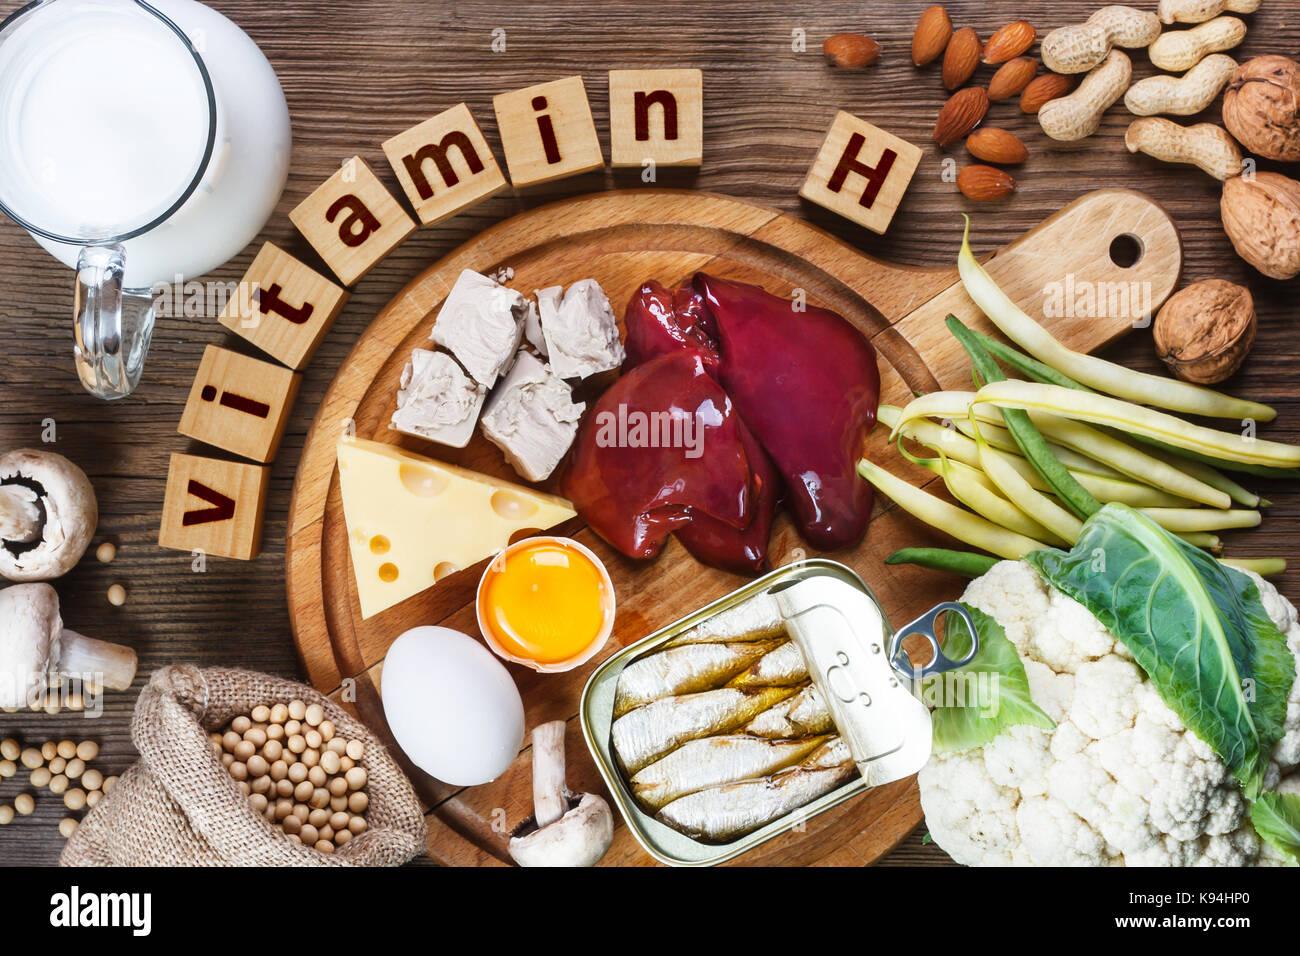 Lebensmittel, die reich an Vitamin H (Biotin). Lebensmittel wie